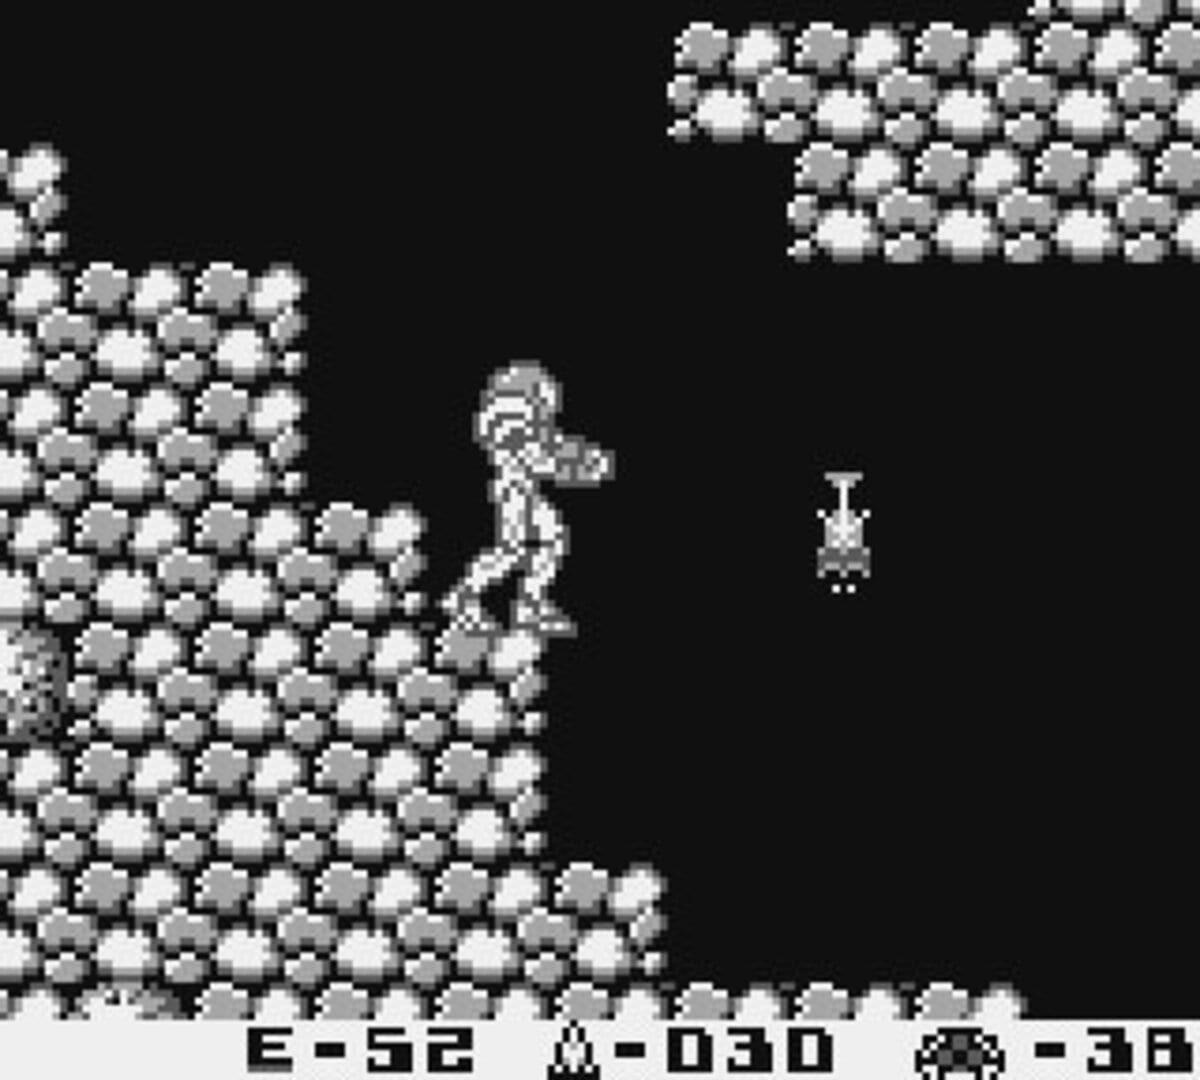 Gameplay Screenshot from Metroid II: Return of Samus